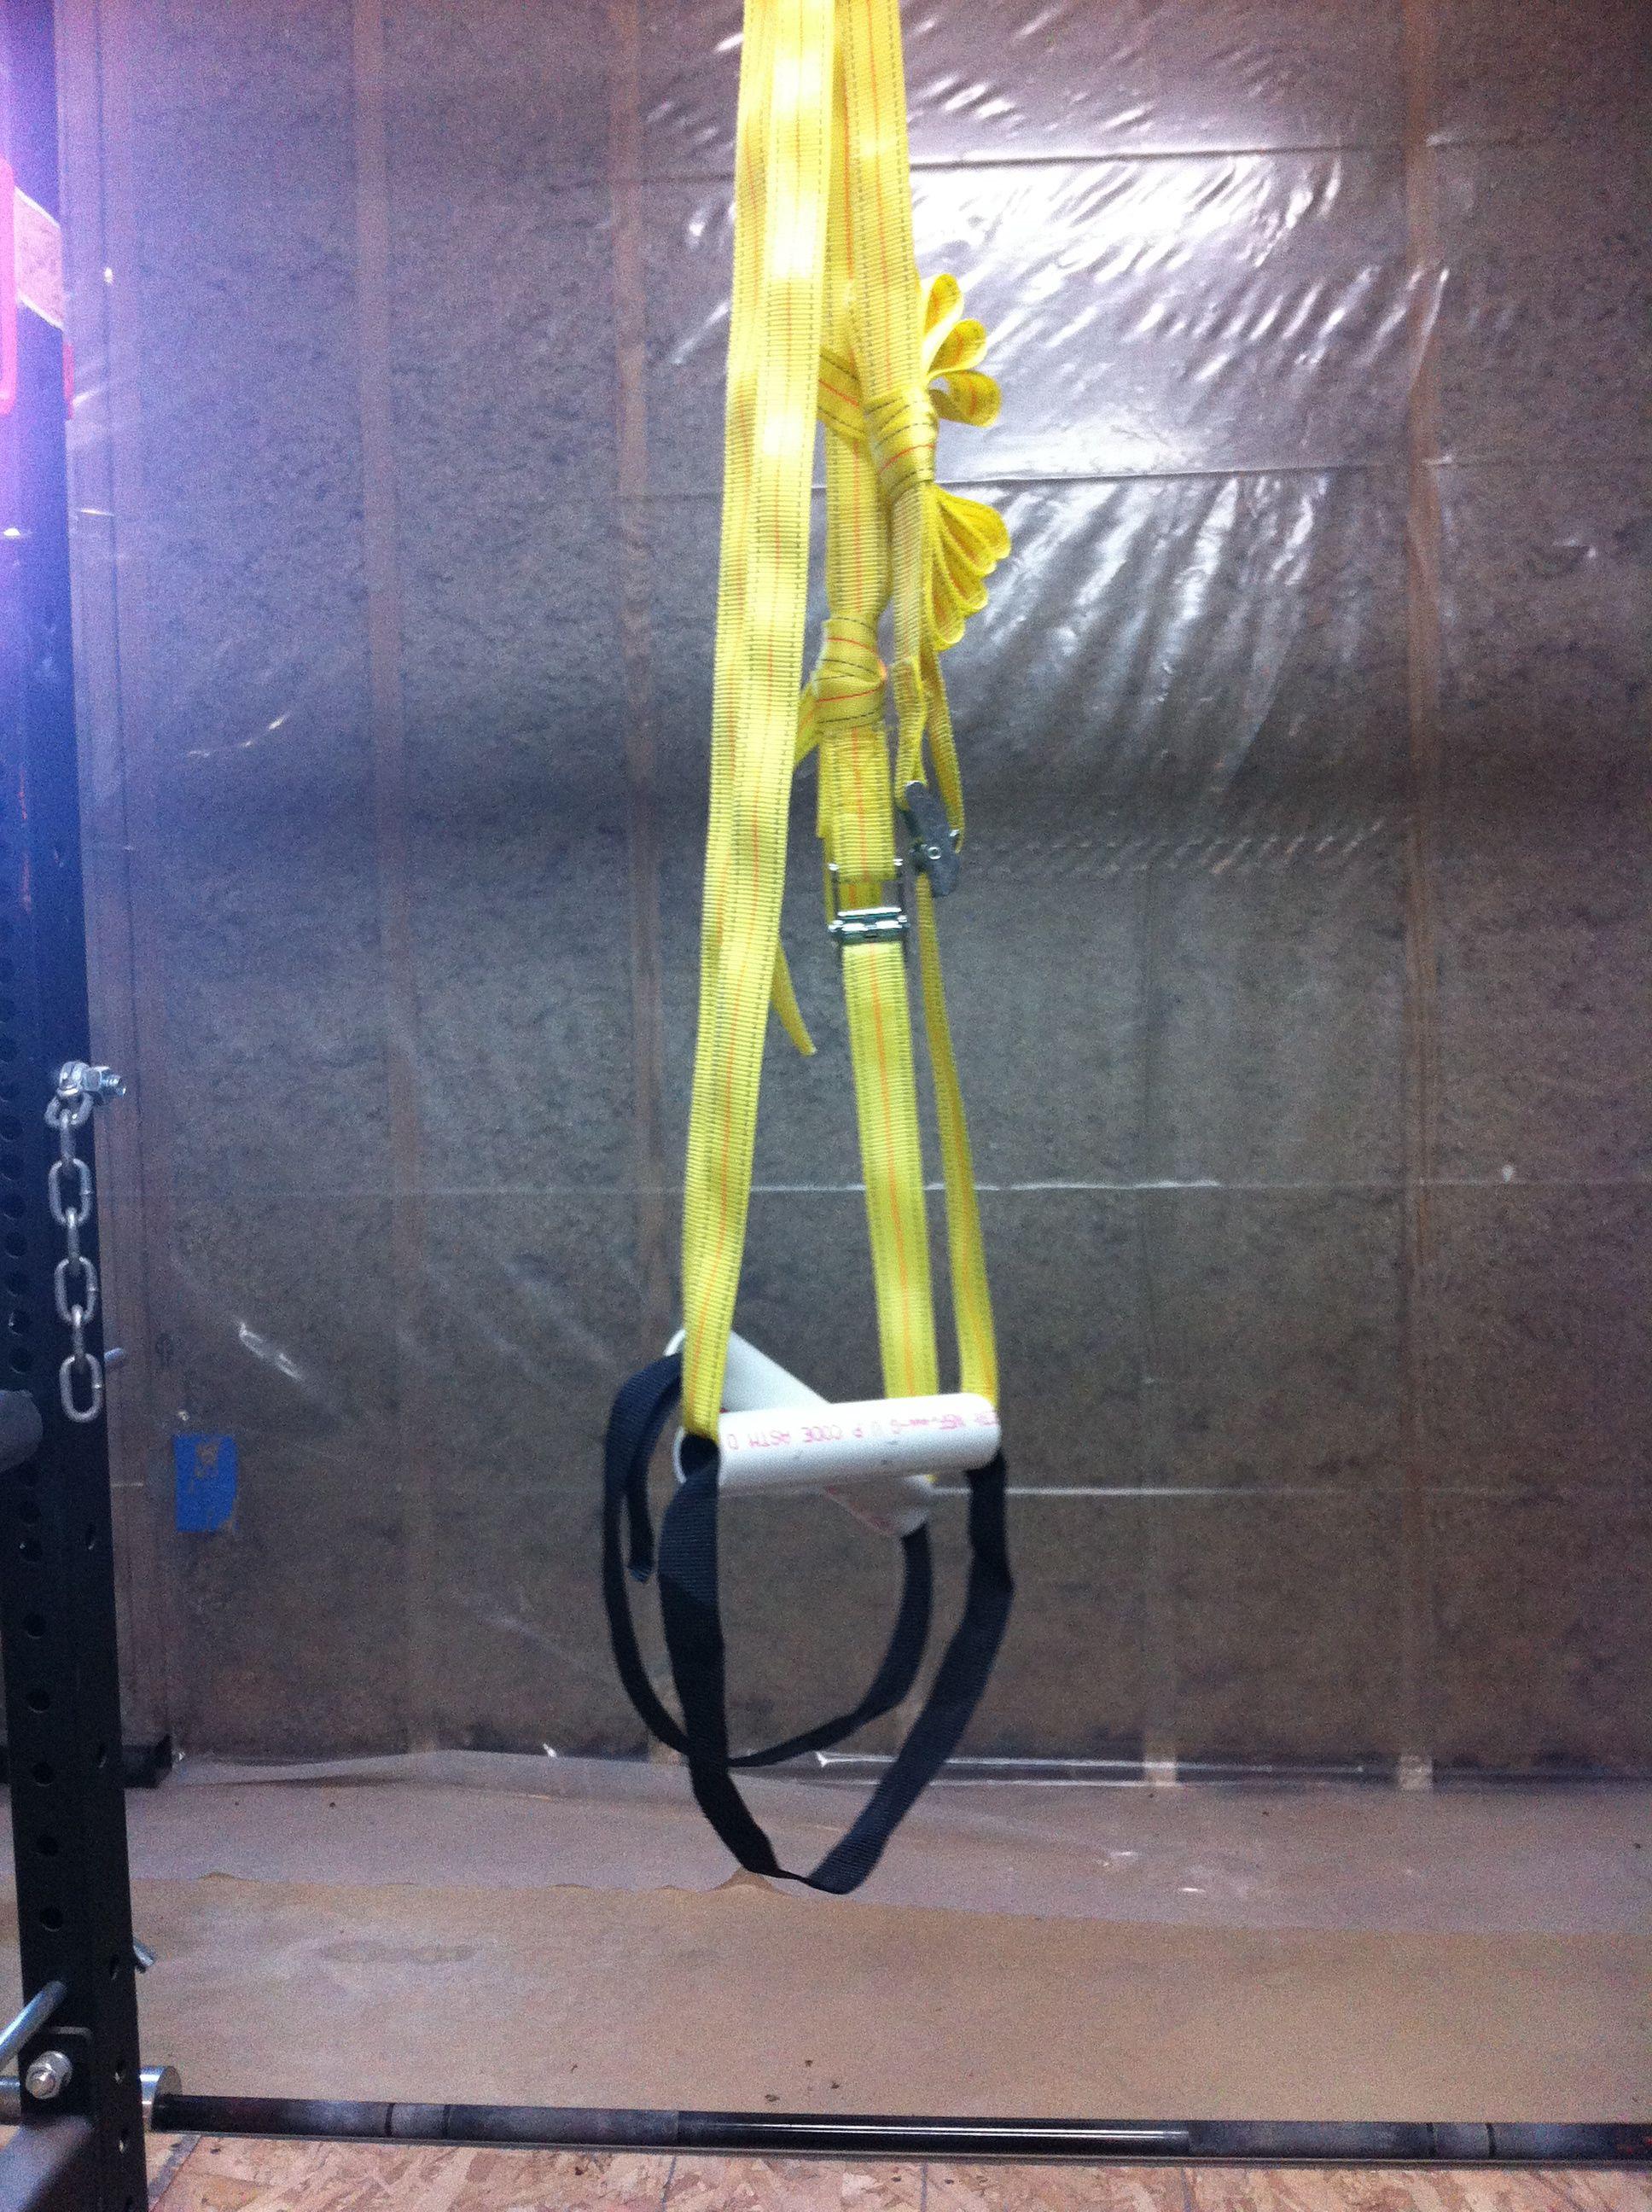 diy suspension straps garage gym guy. Black Bedroom Furniture Sets. Home Design Ideas